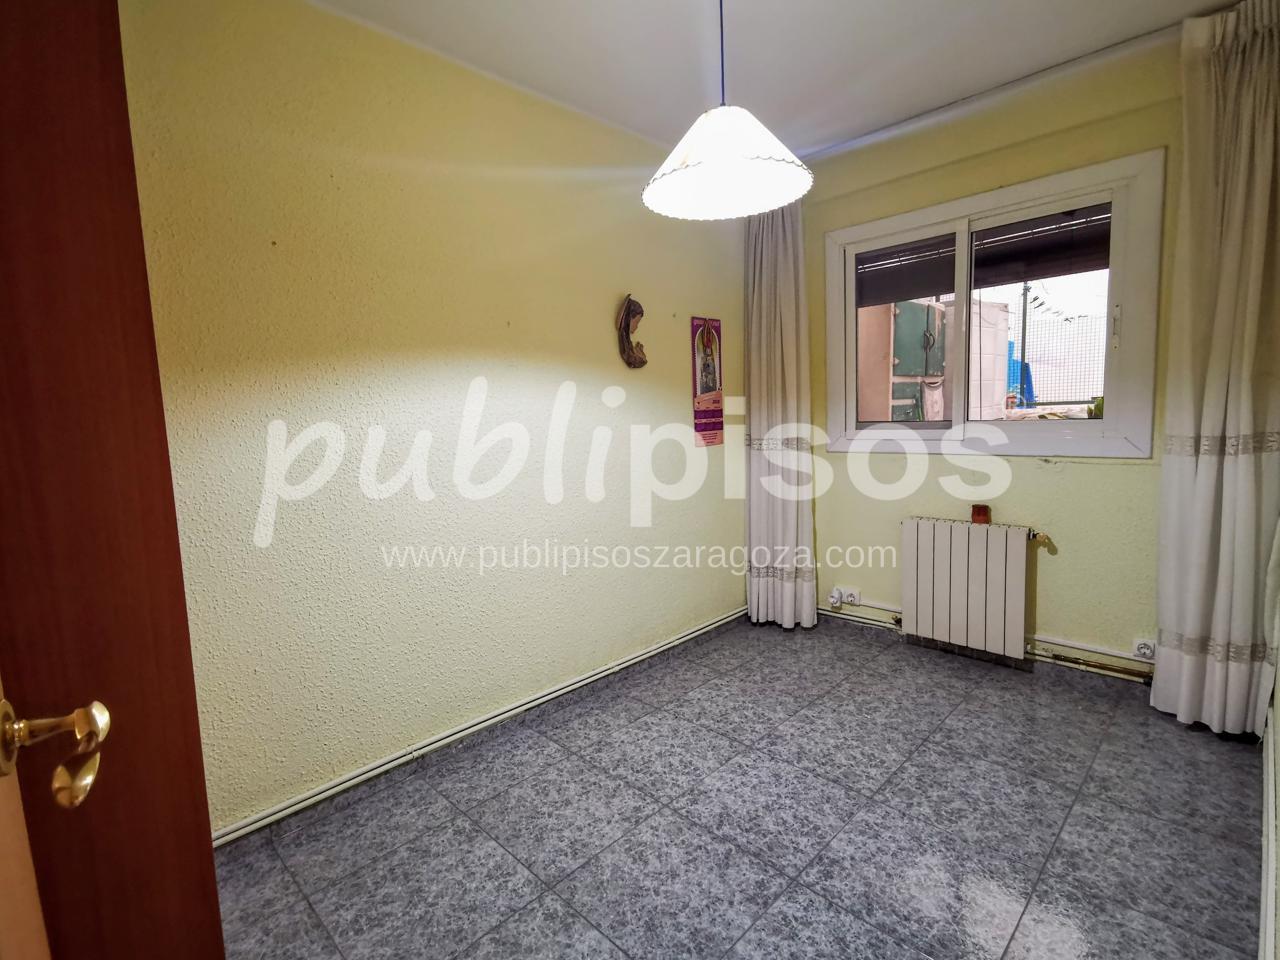 Venta piso OCASION junto Plaza Mozart y Avda Cataluña-10